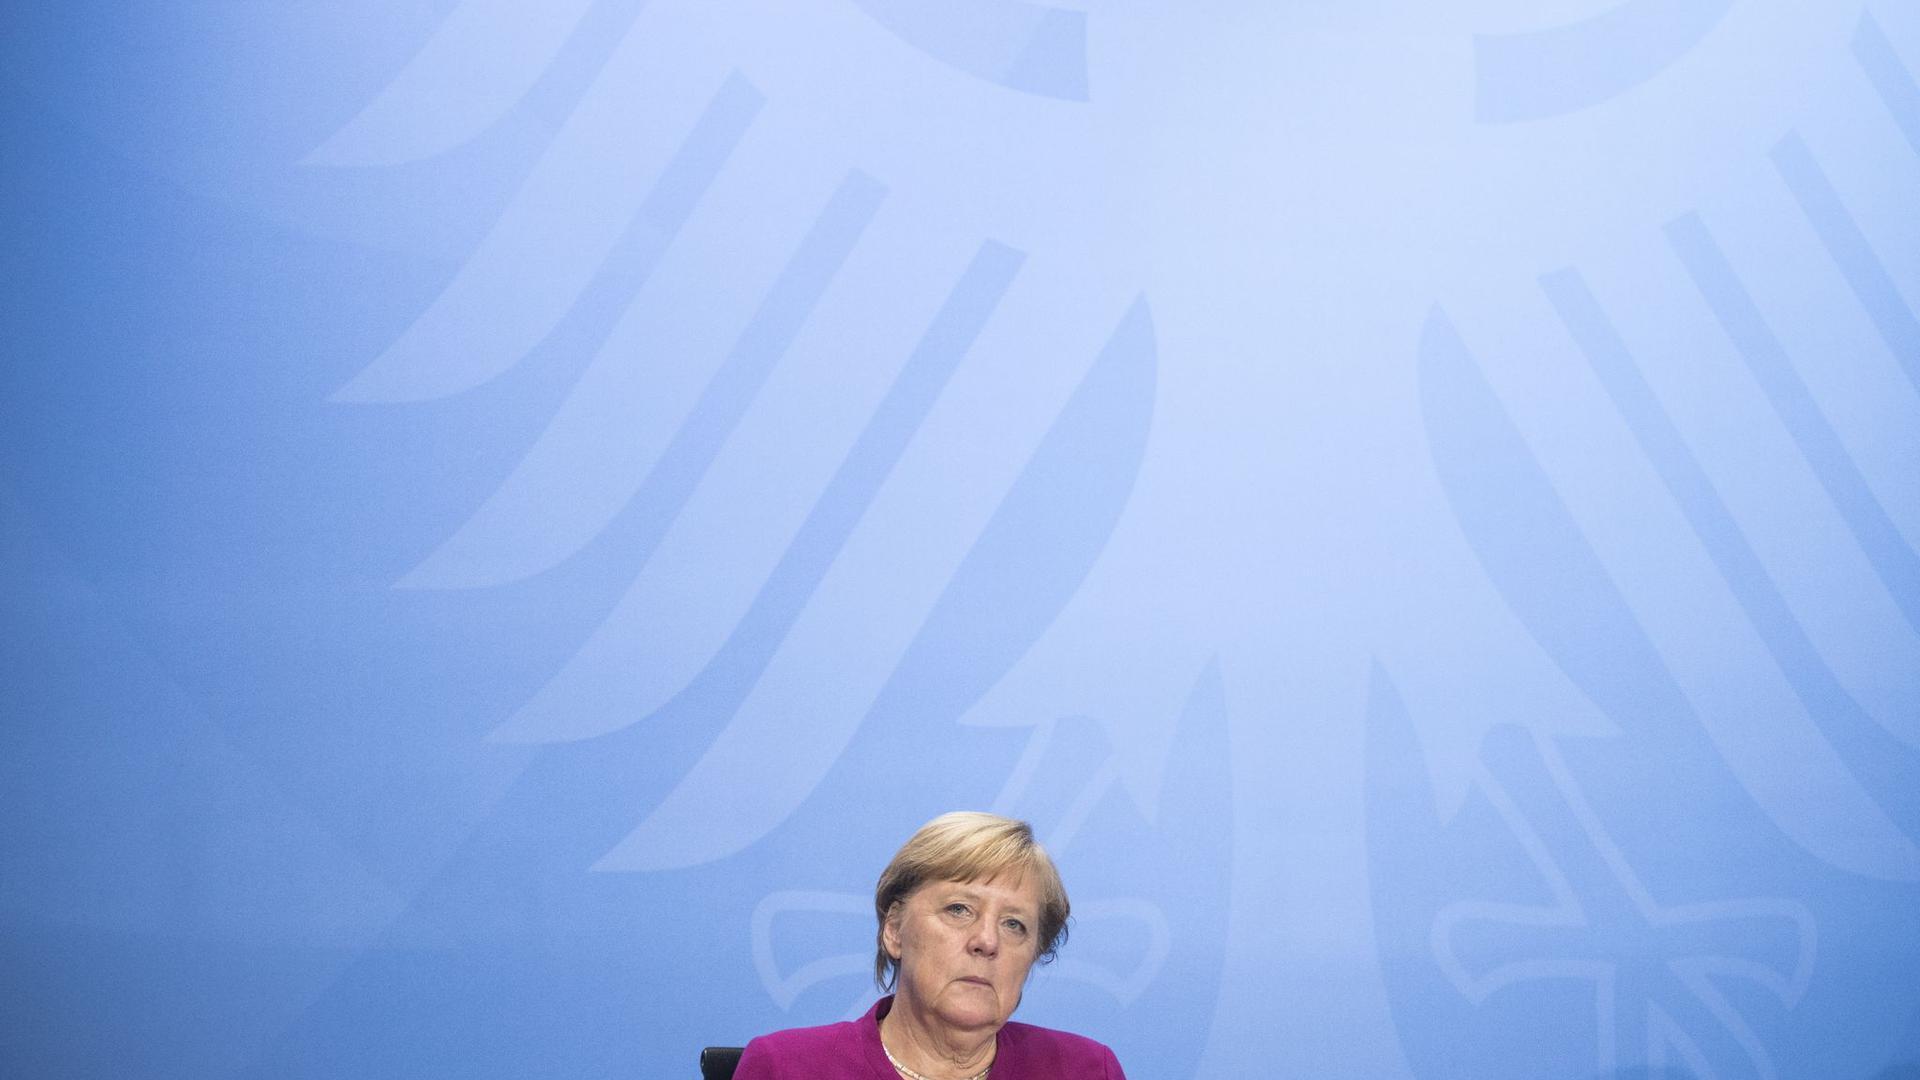 Bundeskanzlerin Angela Merkel hat sich mit den Ländern auf einheitliche Regeln für Corona-Hotspots geeinigt.